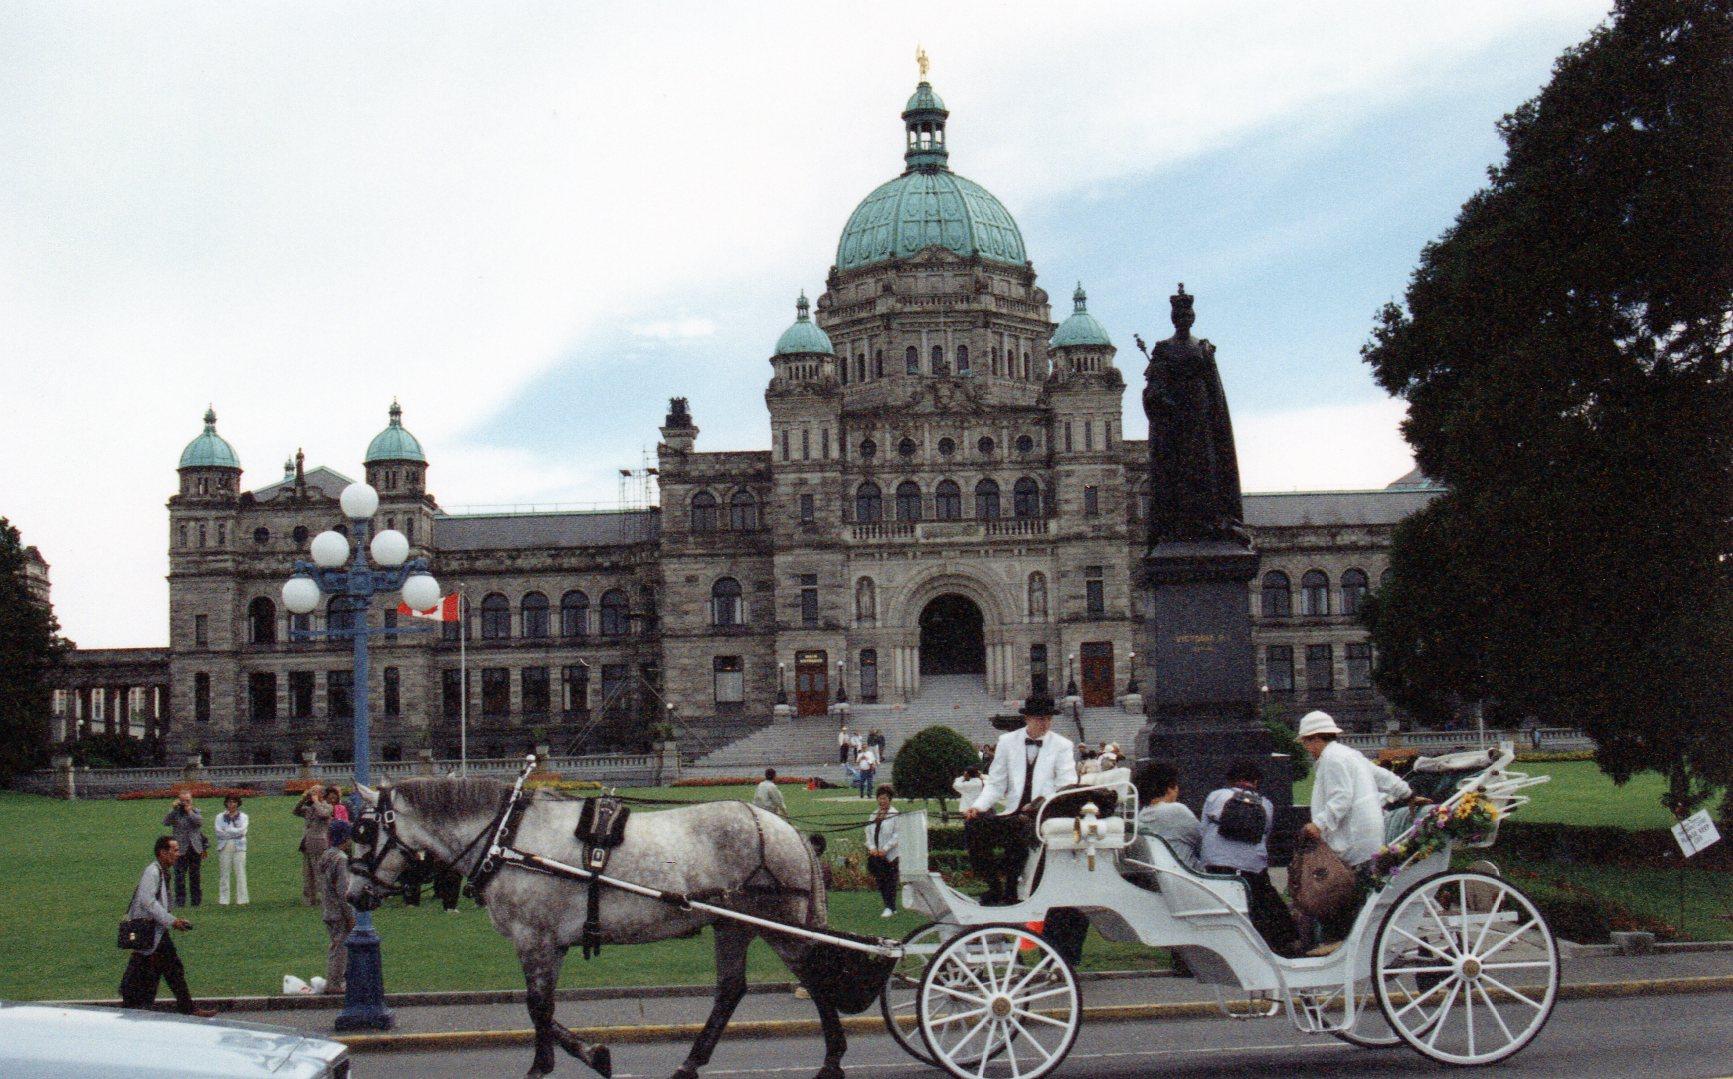 O Parlamento. Vitória é a capital da Colúmbia Britânica